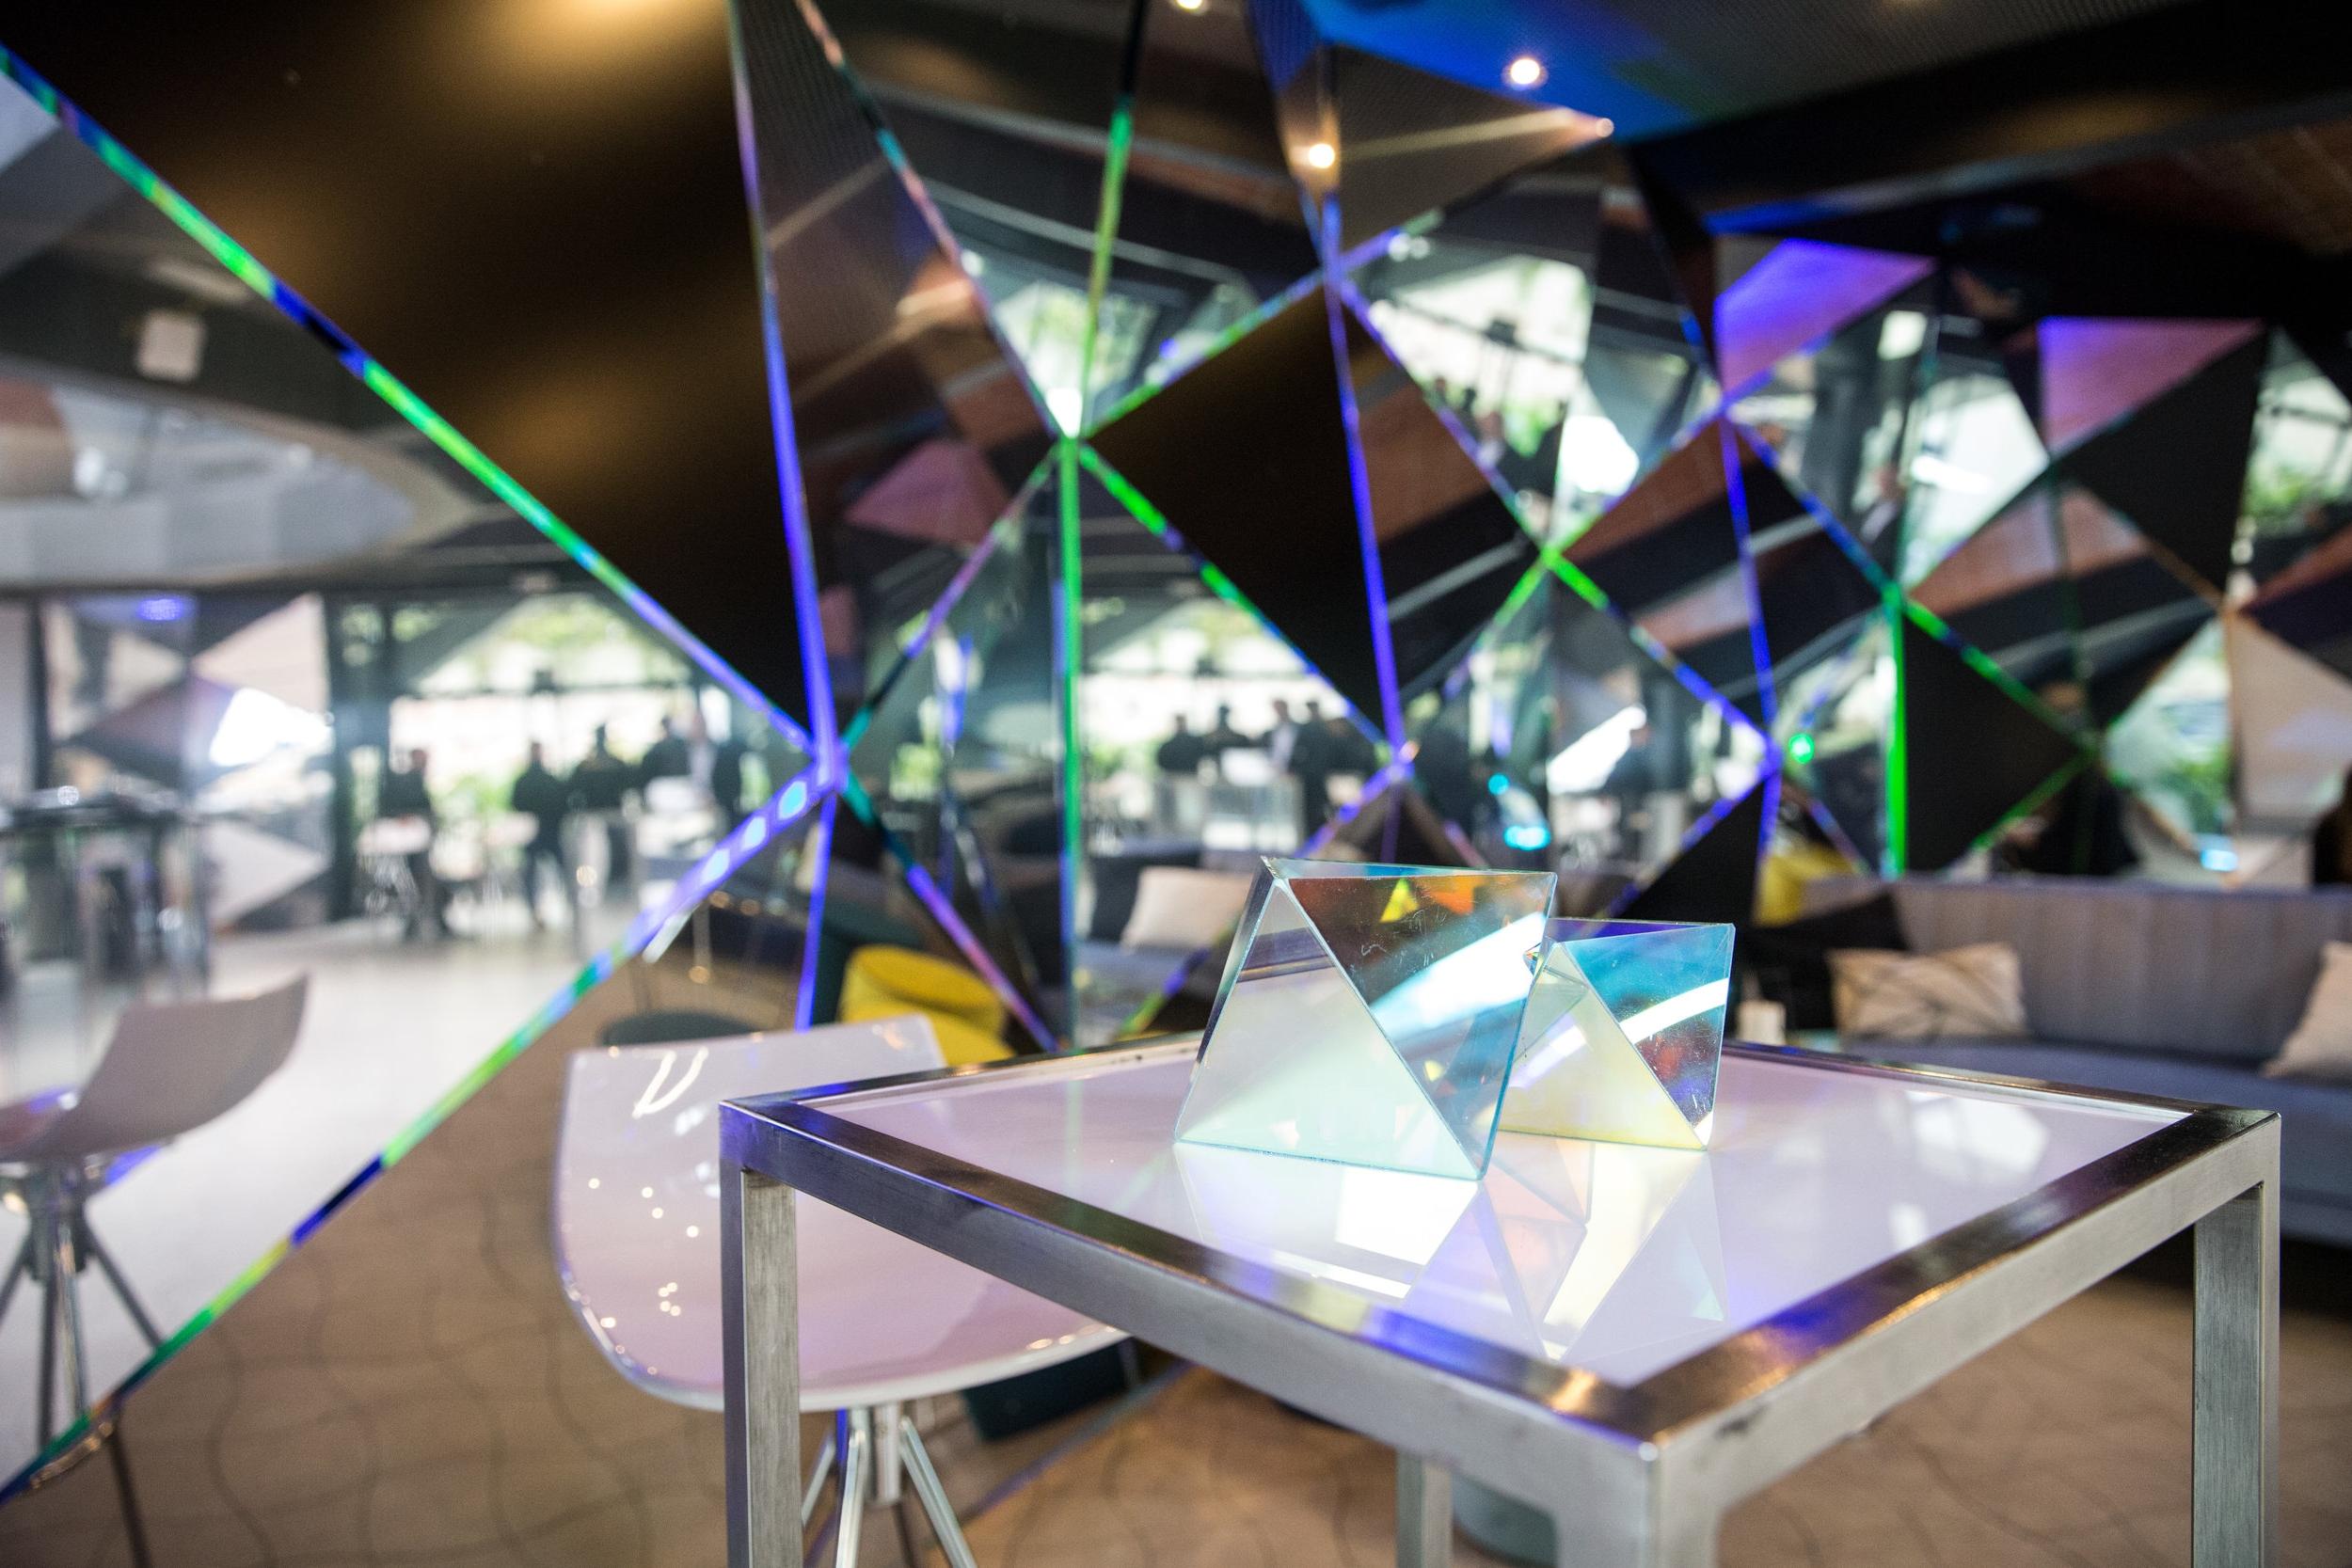 Triangular creative installation